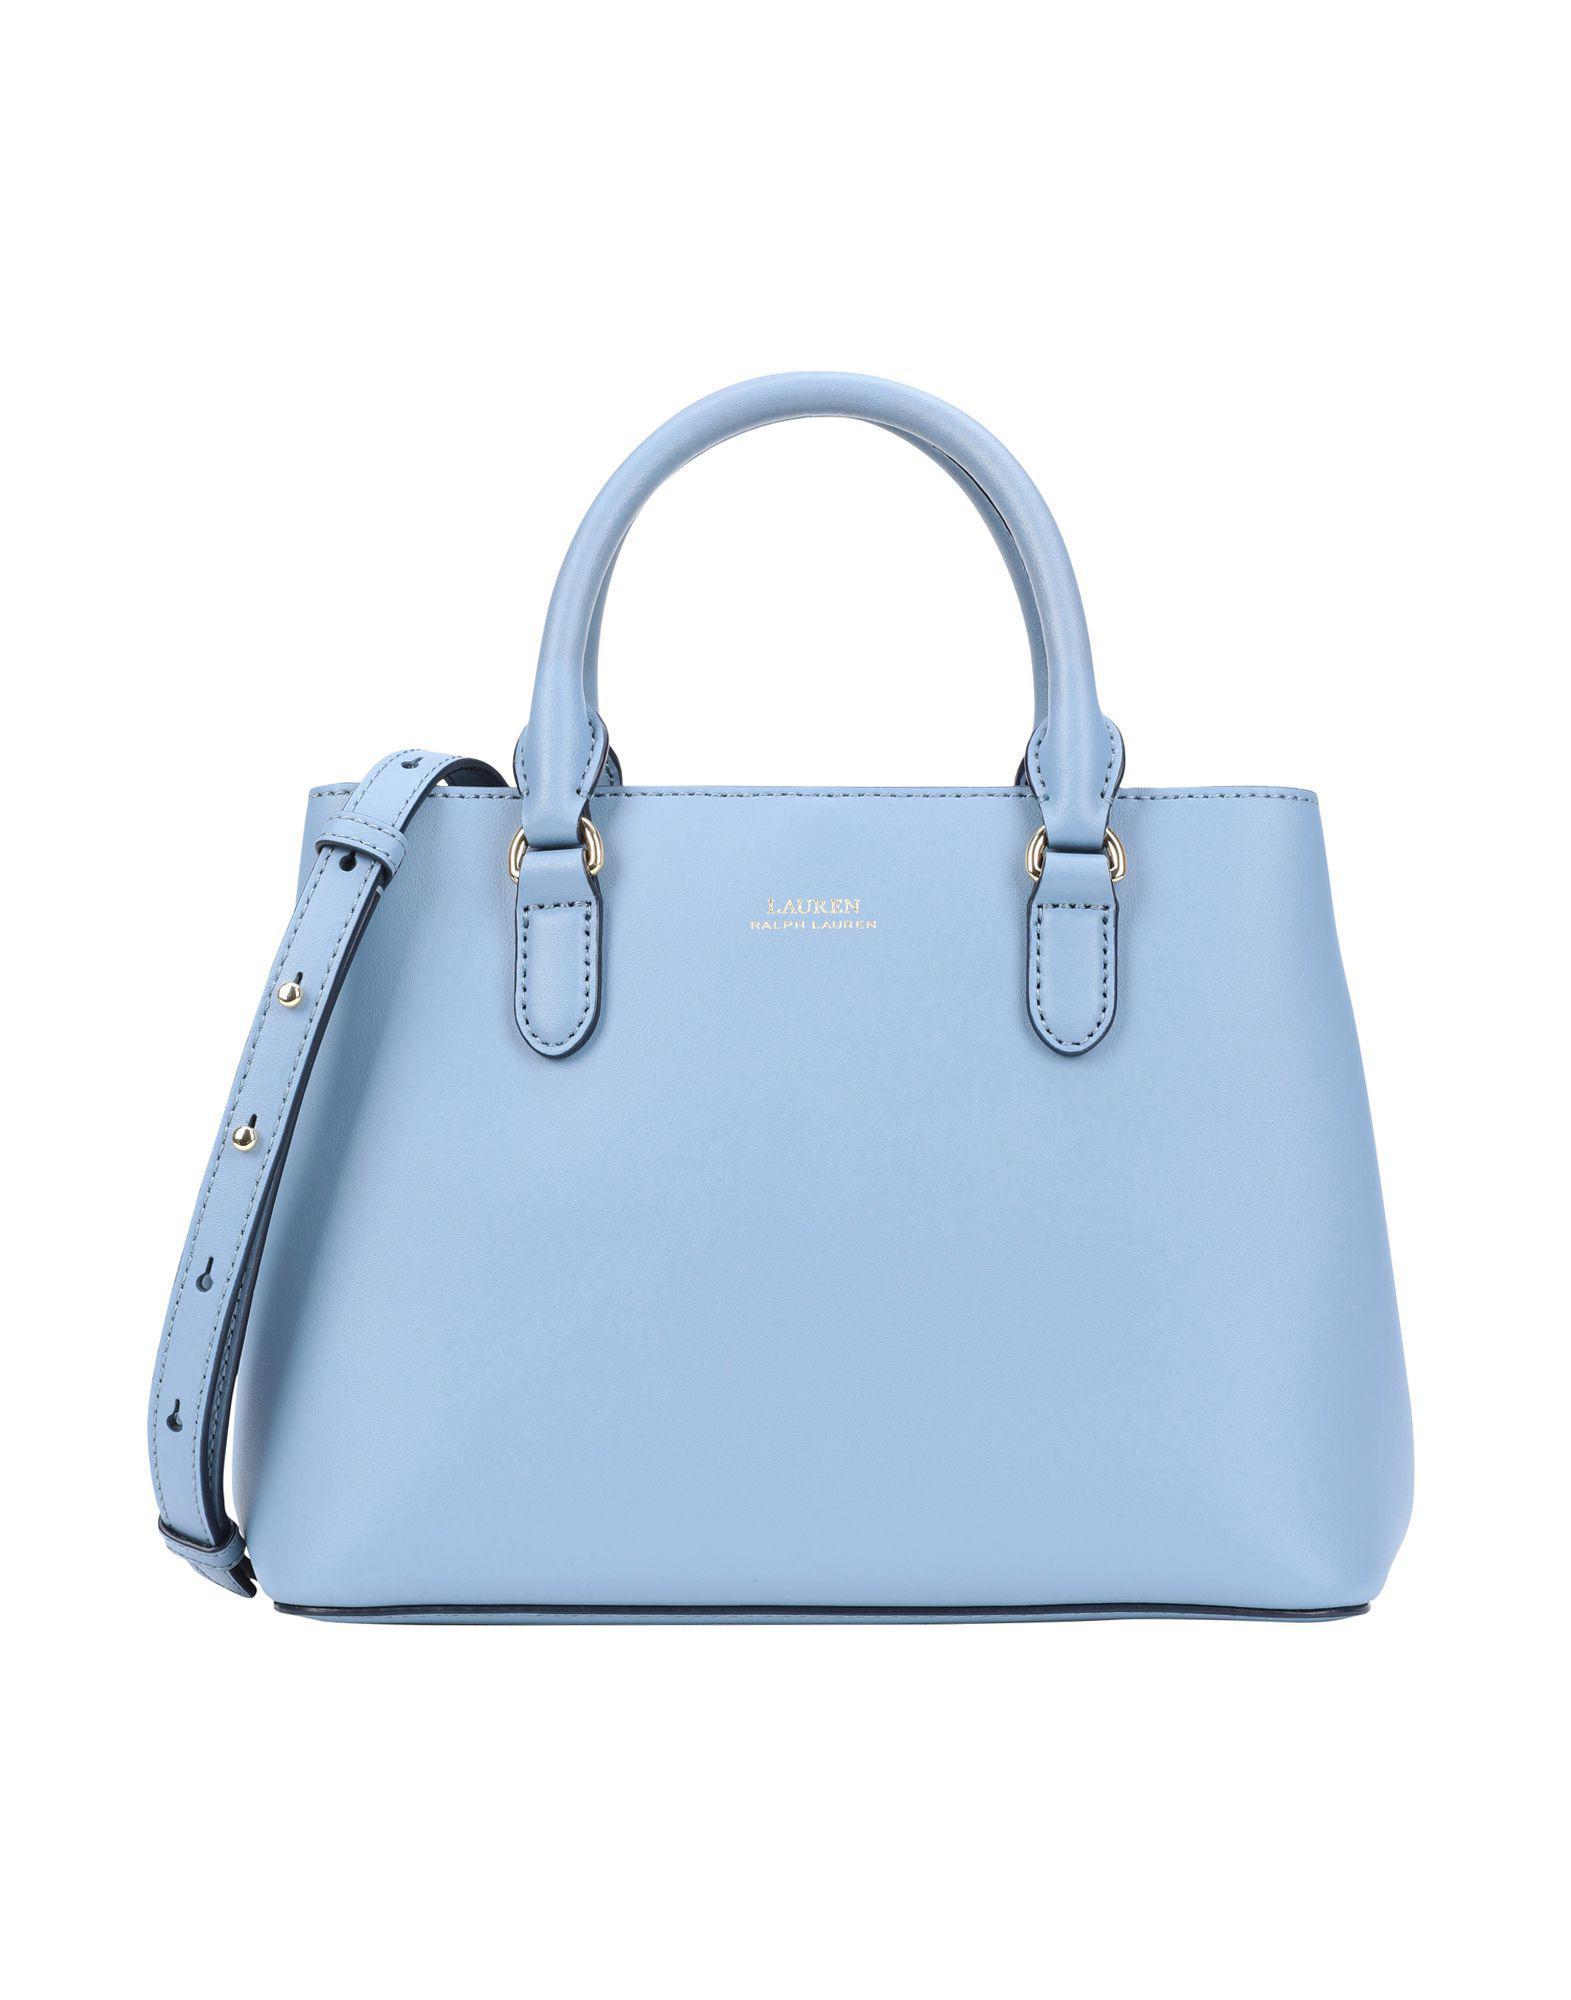 16a620bf61 Lauren by Ralph Lauren. Sacs Bandoulière femme de coloris bleu